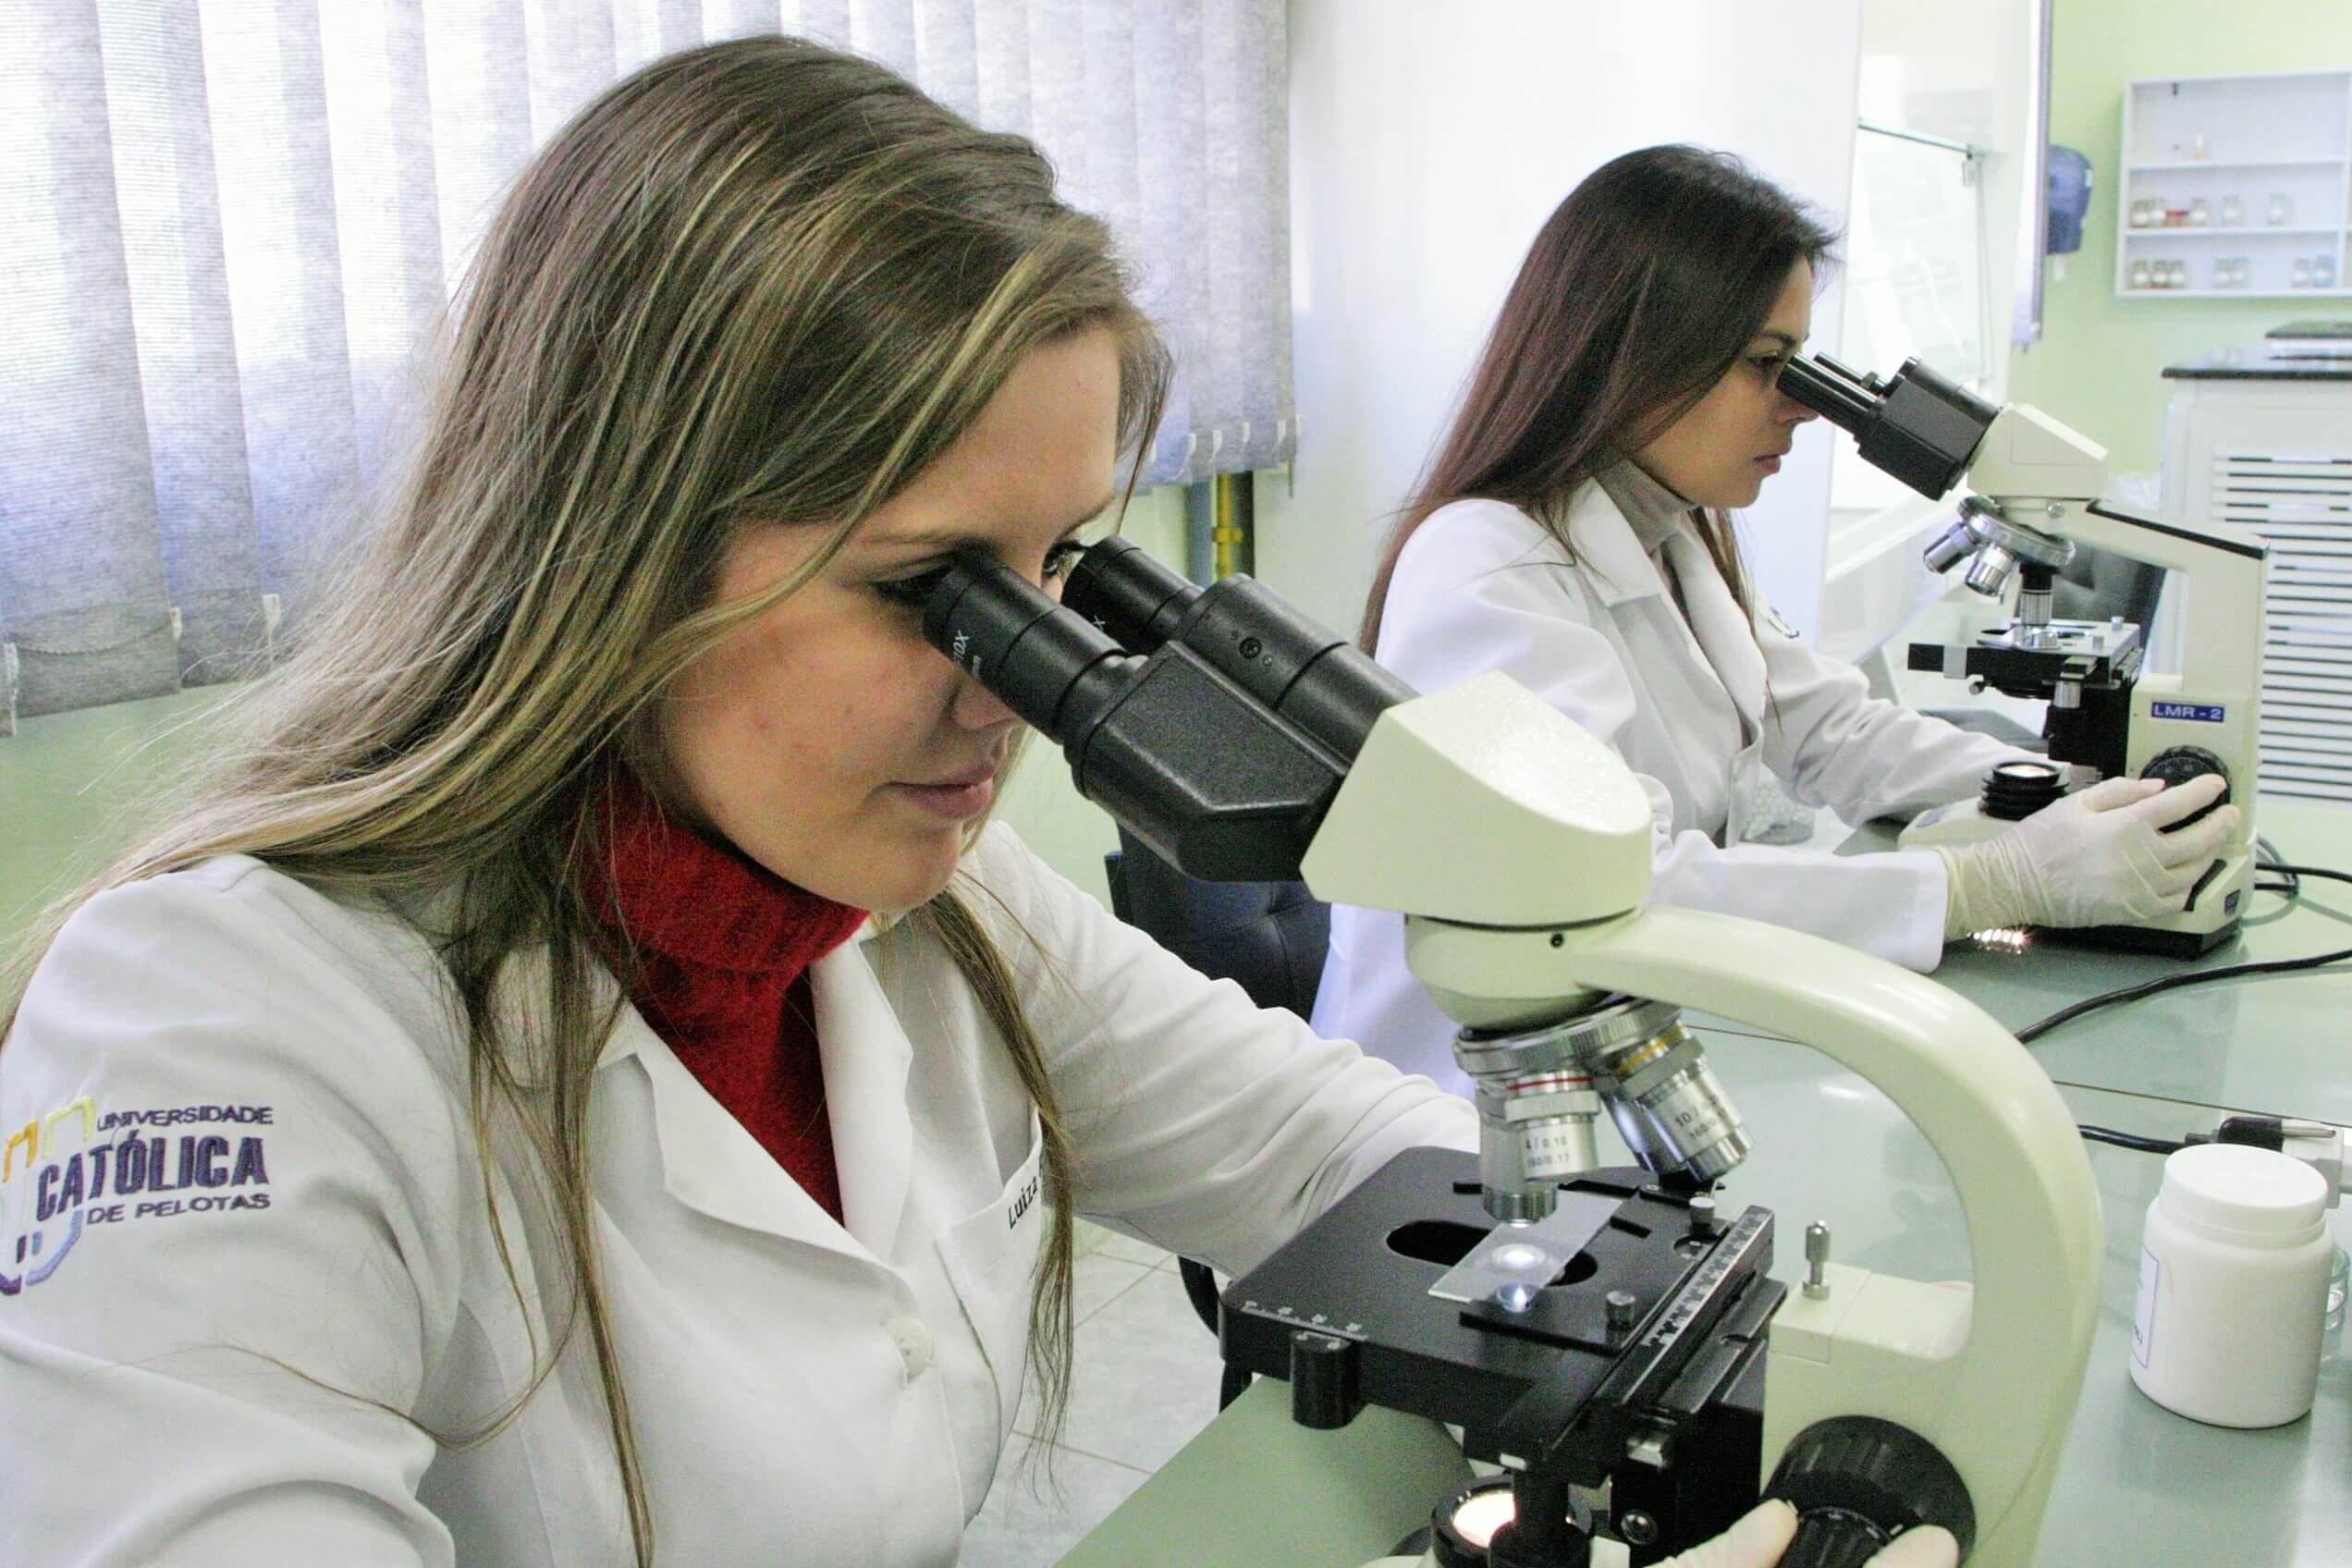 Guia do Estudante: estudantes de farmácia olham através de microscópio